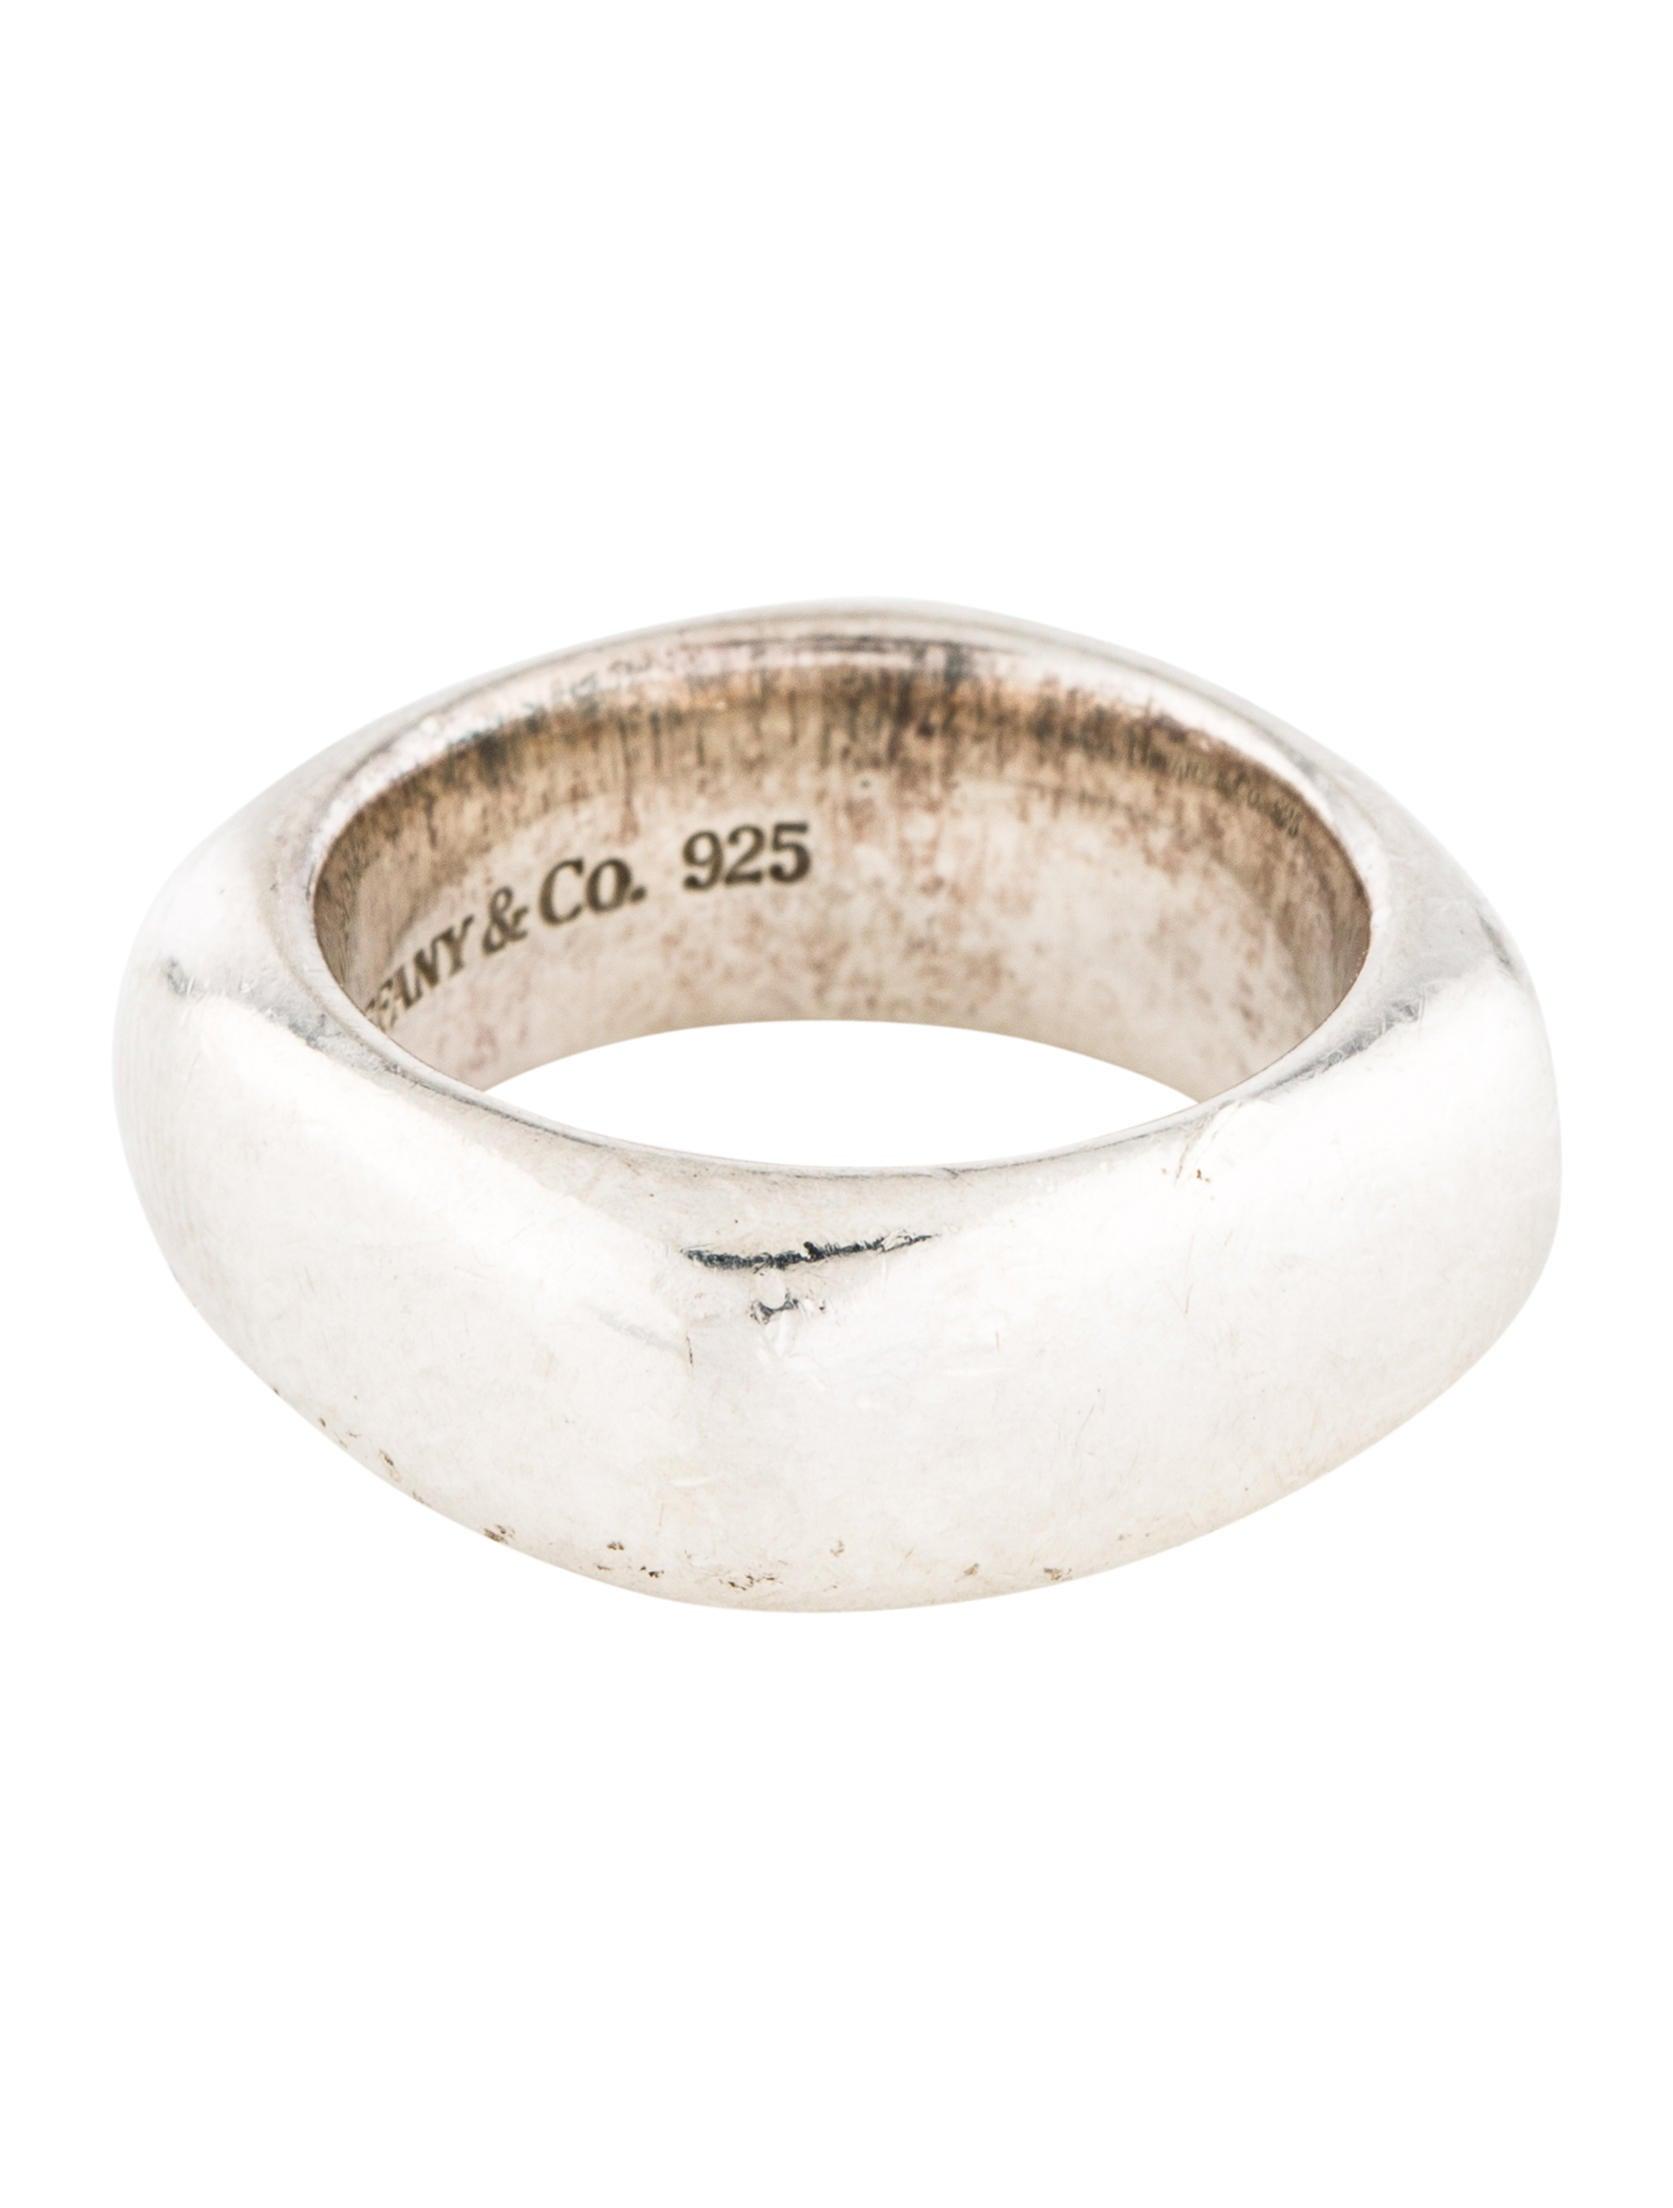 7deb1302c Tiffany & Co. Square Cushion Band - Rings - TIF94561   The RealReal